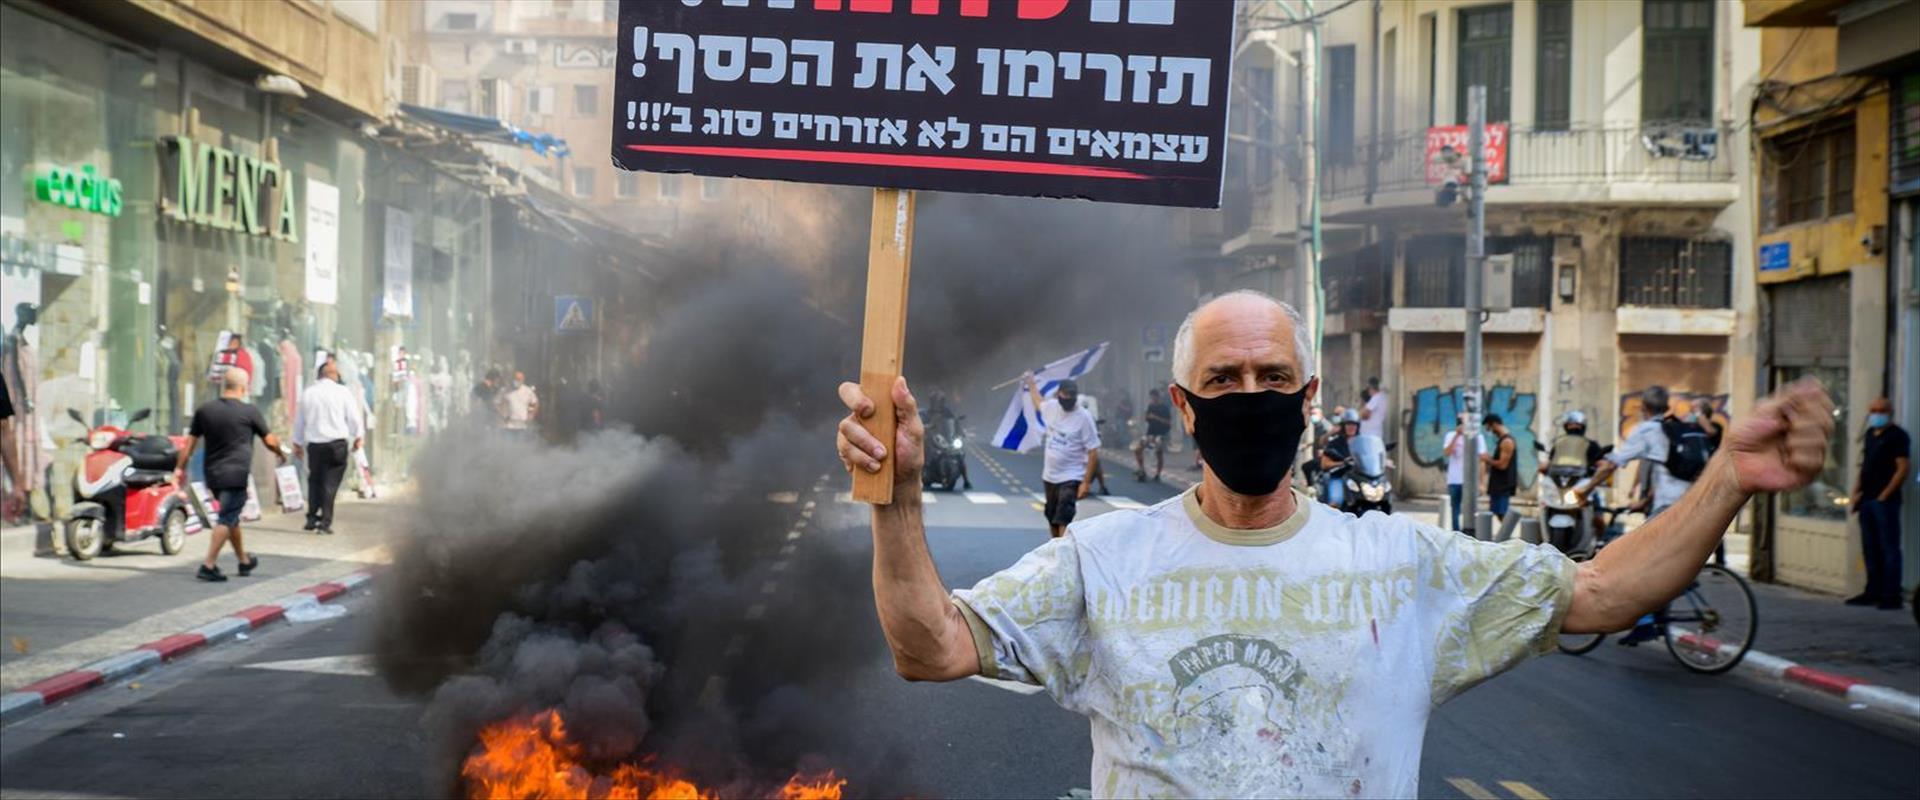 מחאת העצמאים בתל אביב 29.10.20